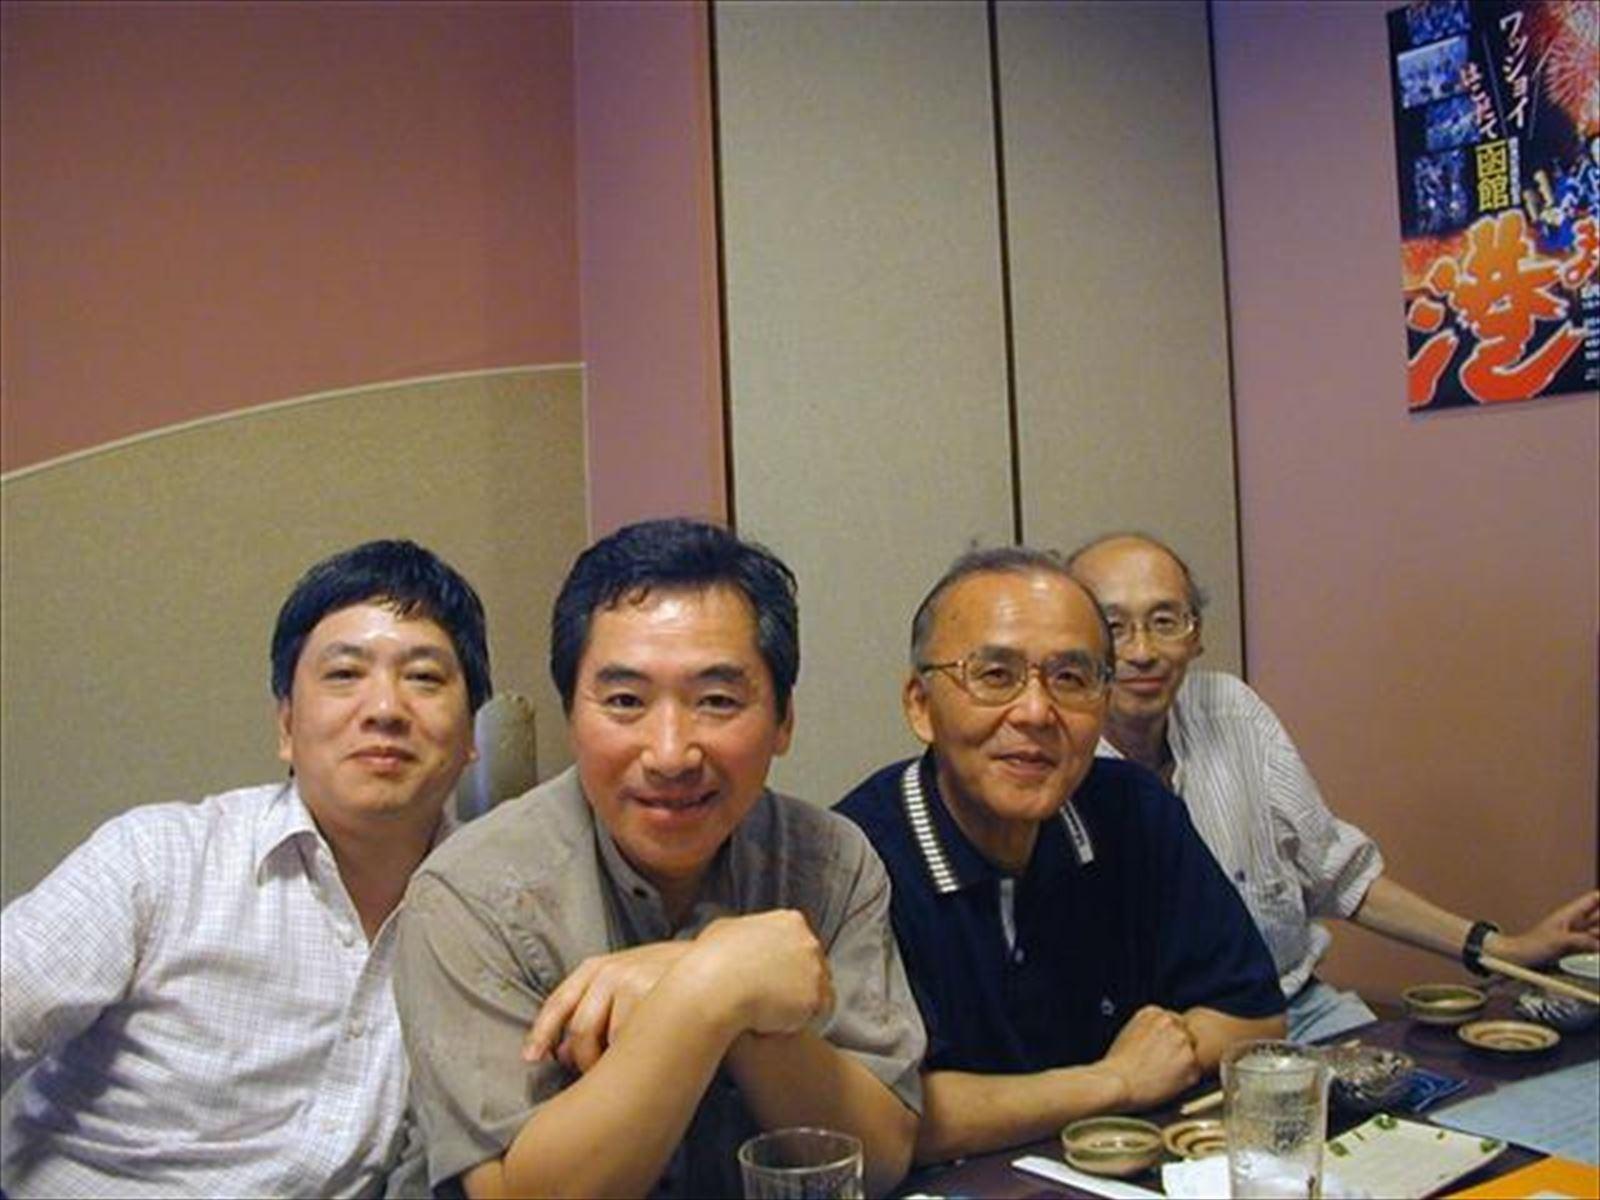 2006-07-15_17.54.00小倉 (小).JPG